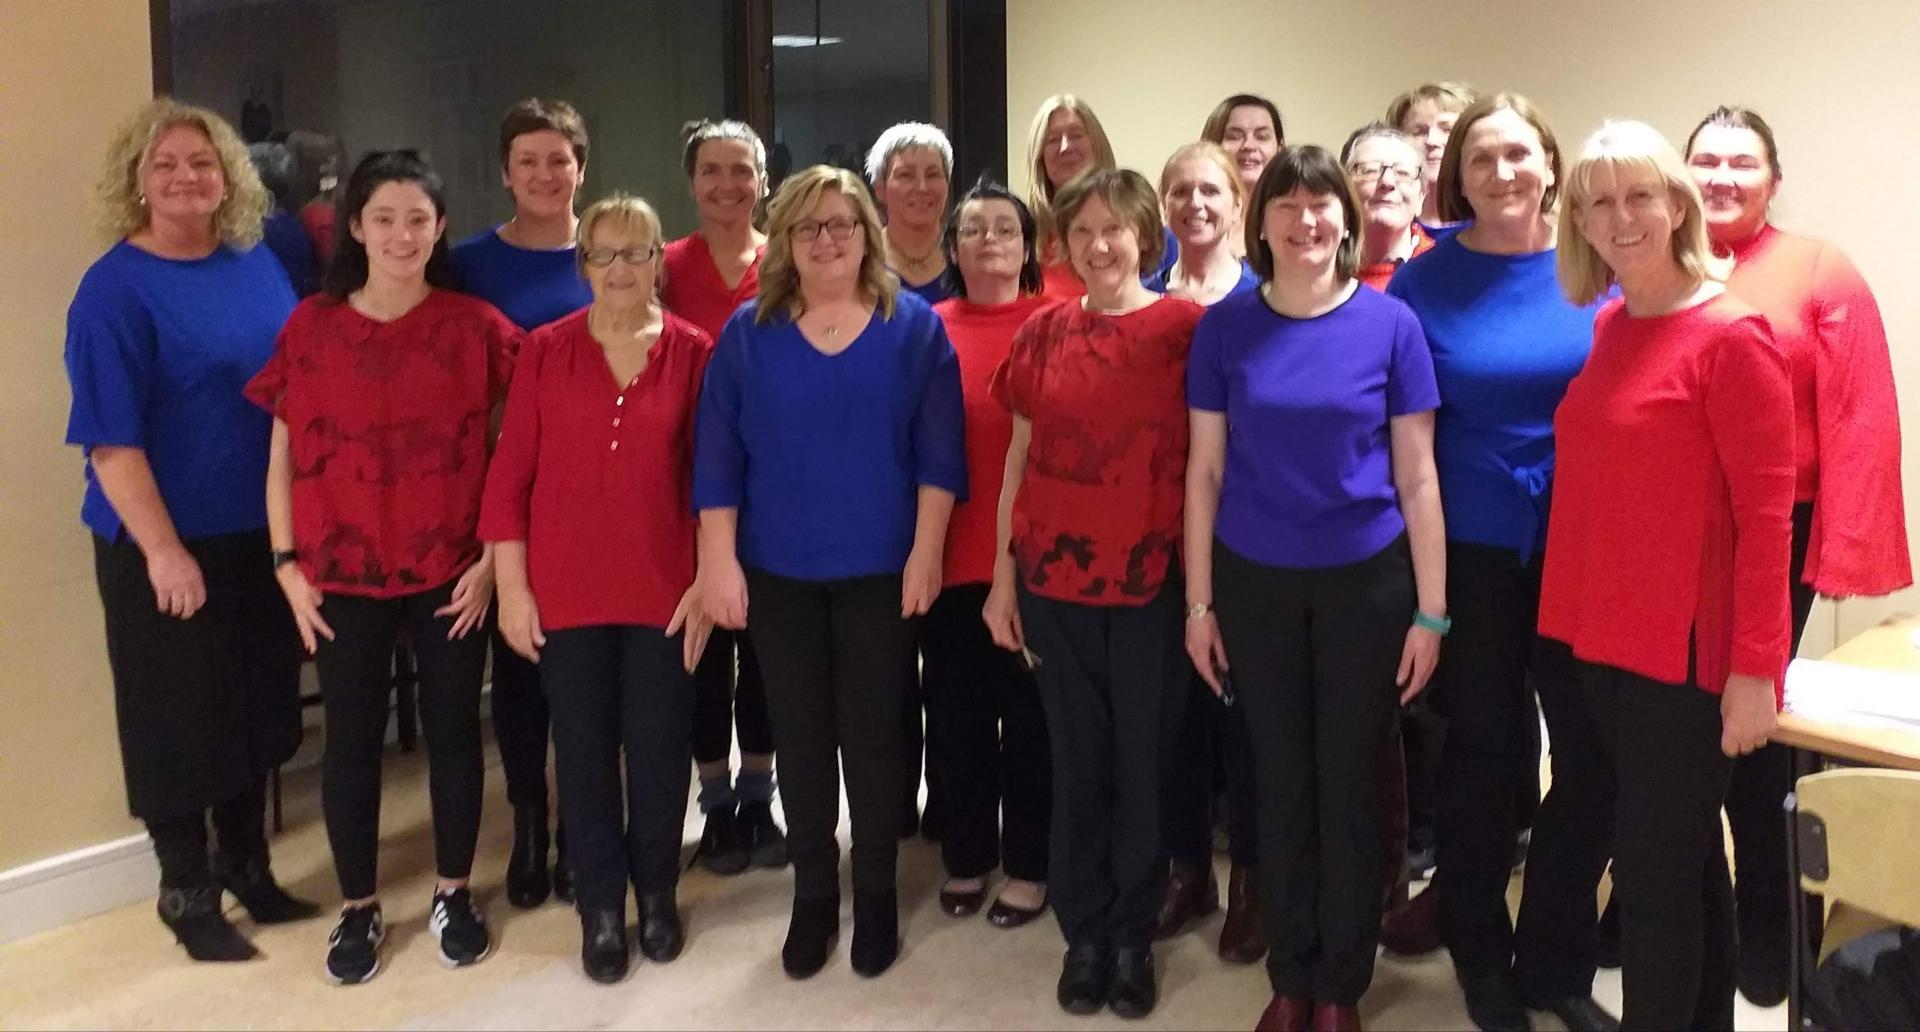 Louth hospital choir